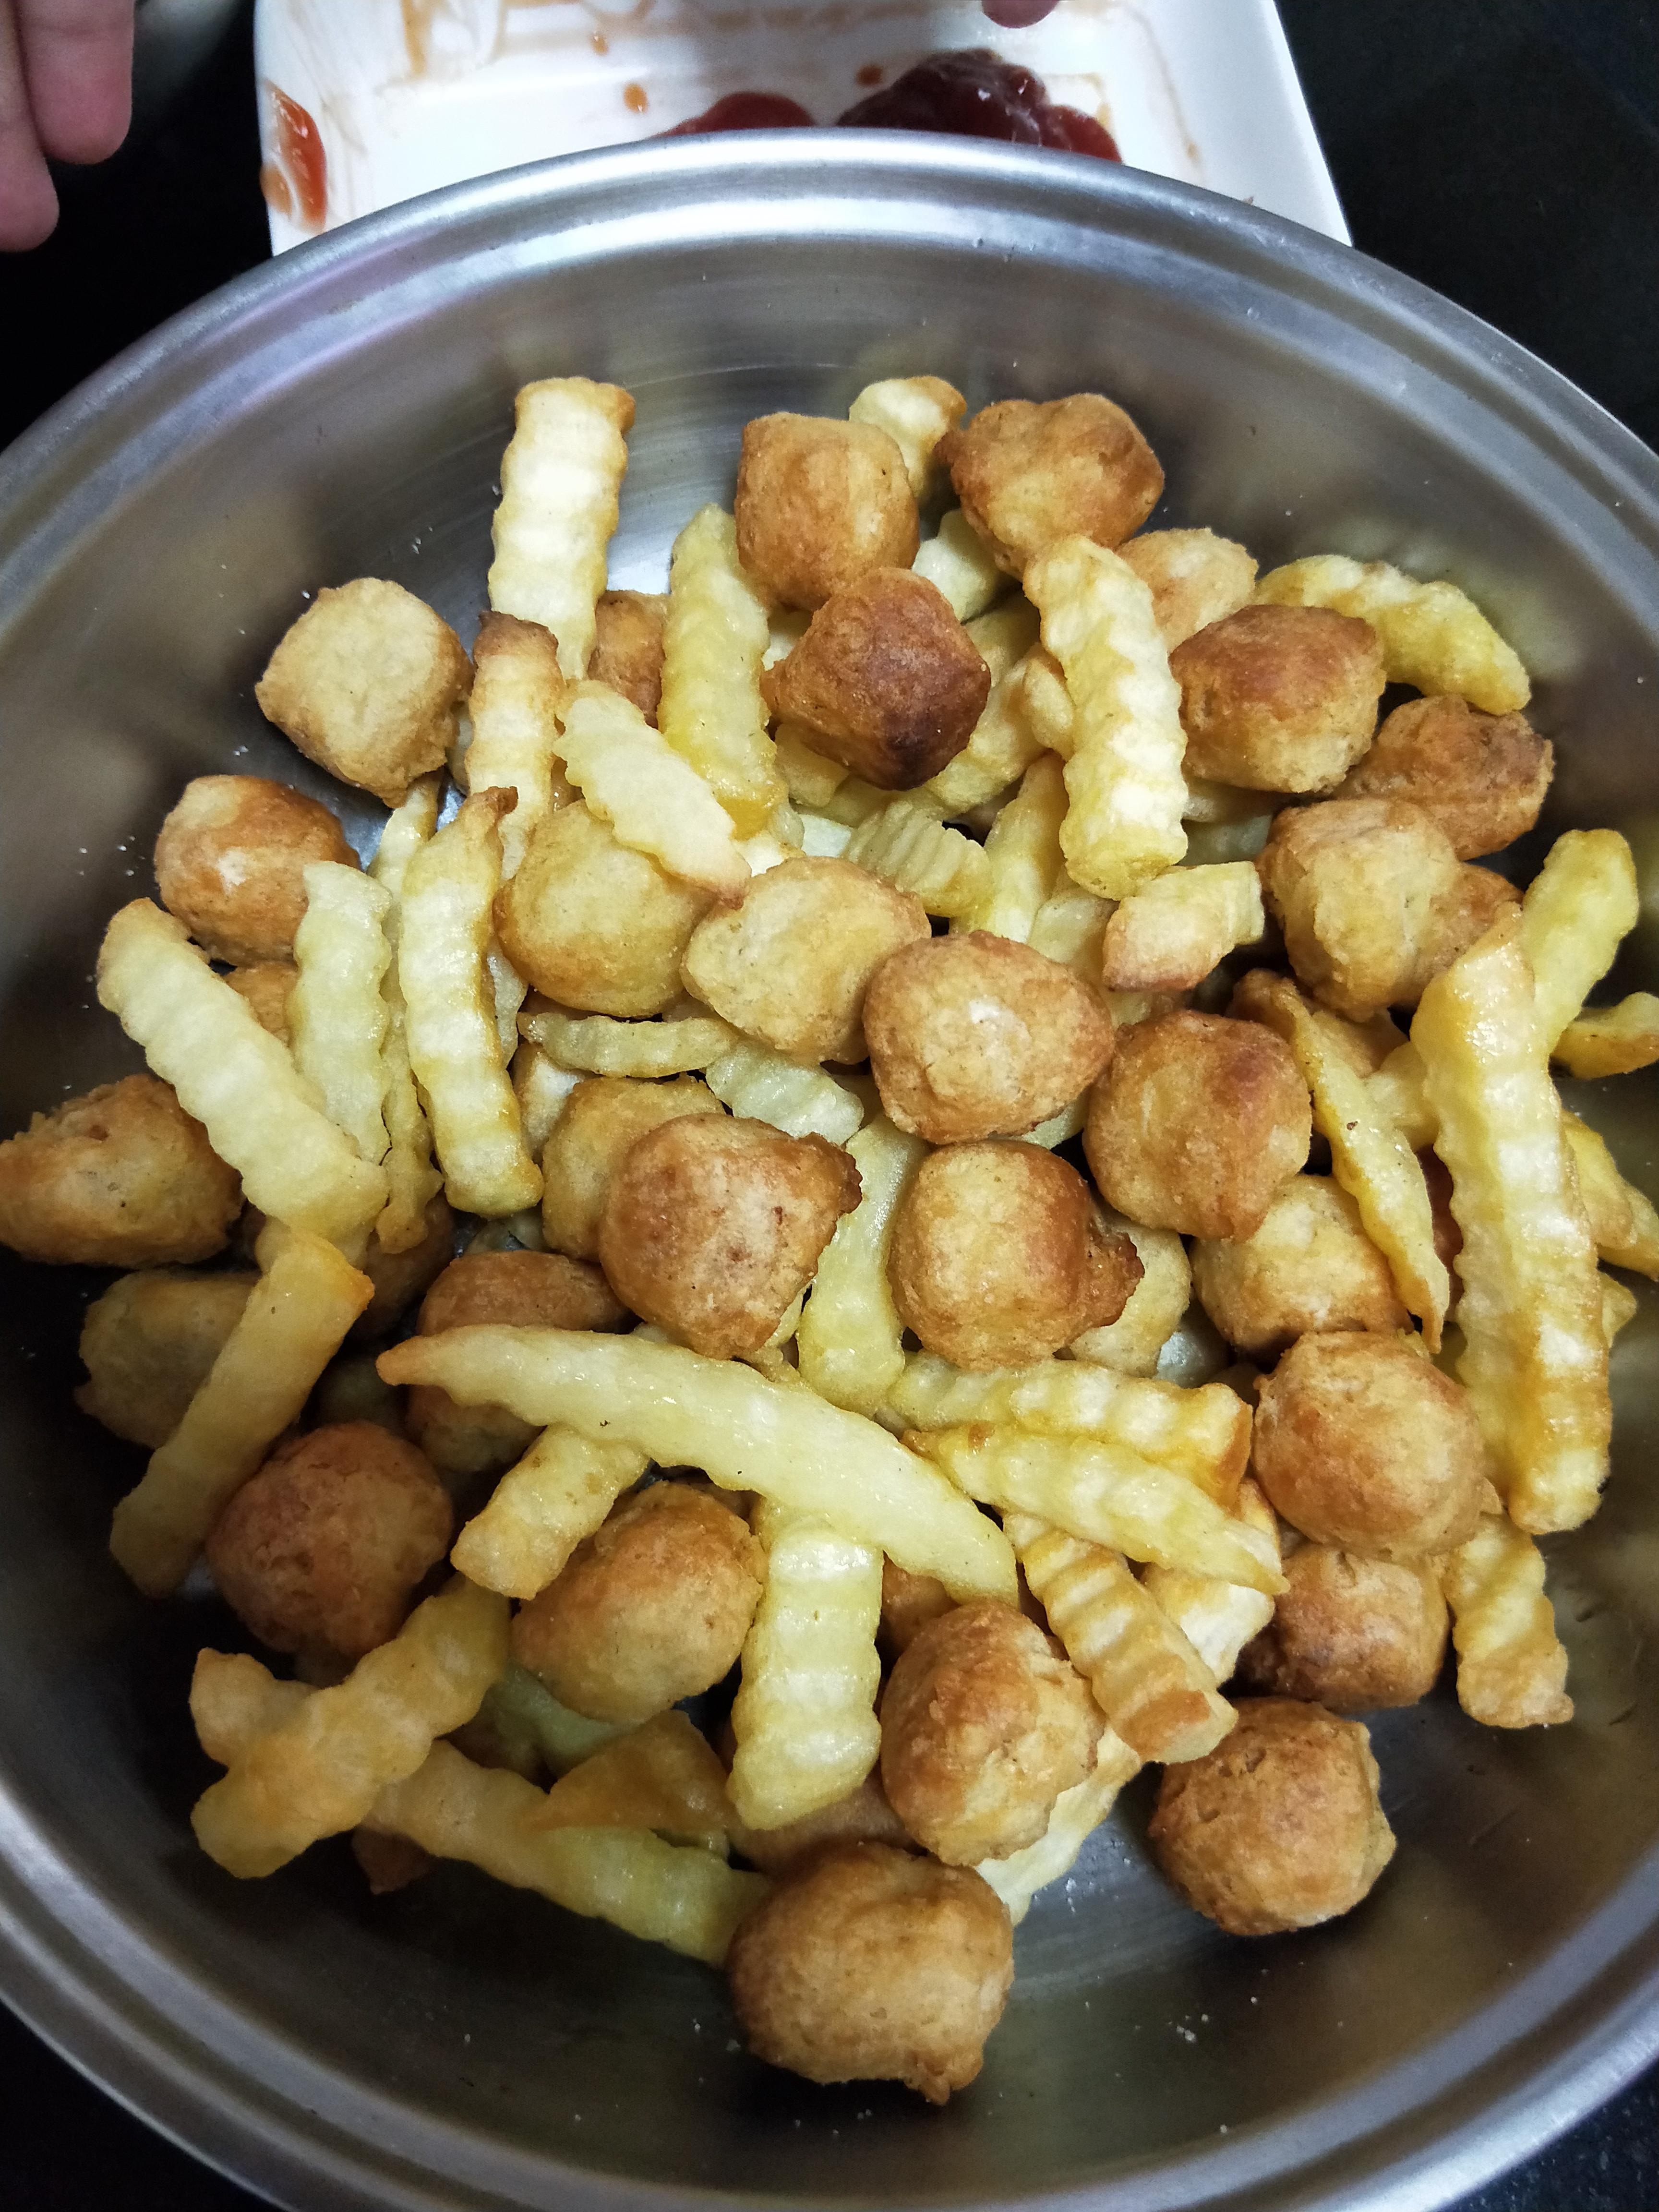 氣炸出美食-薯條雞球